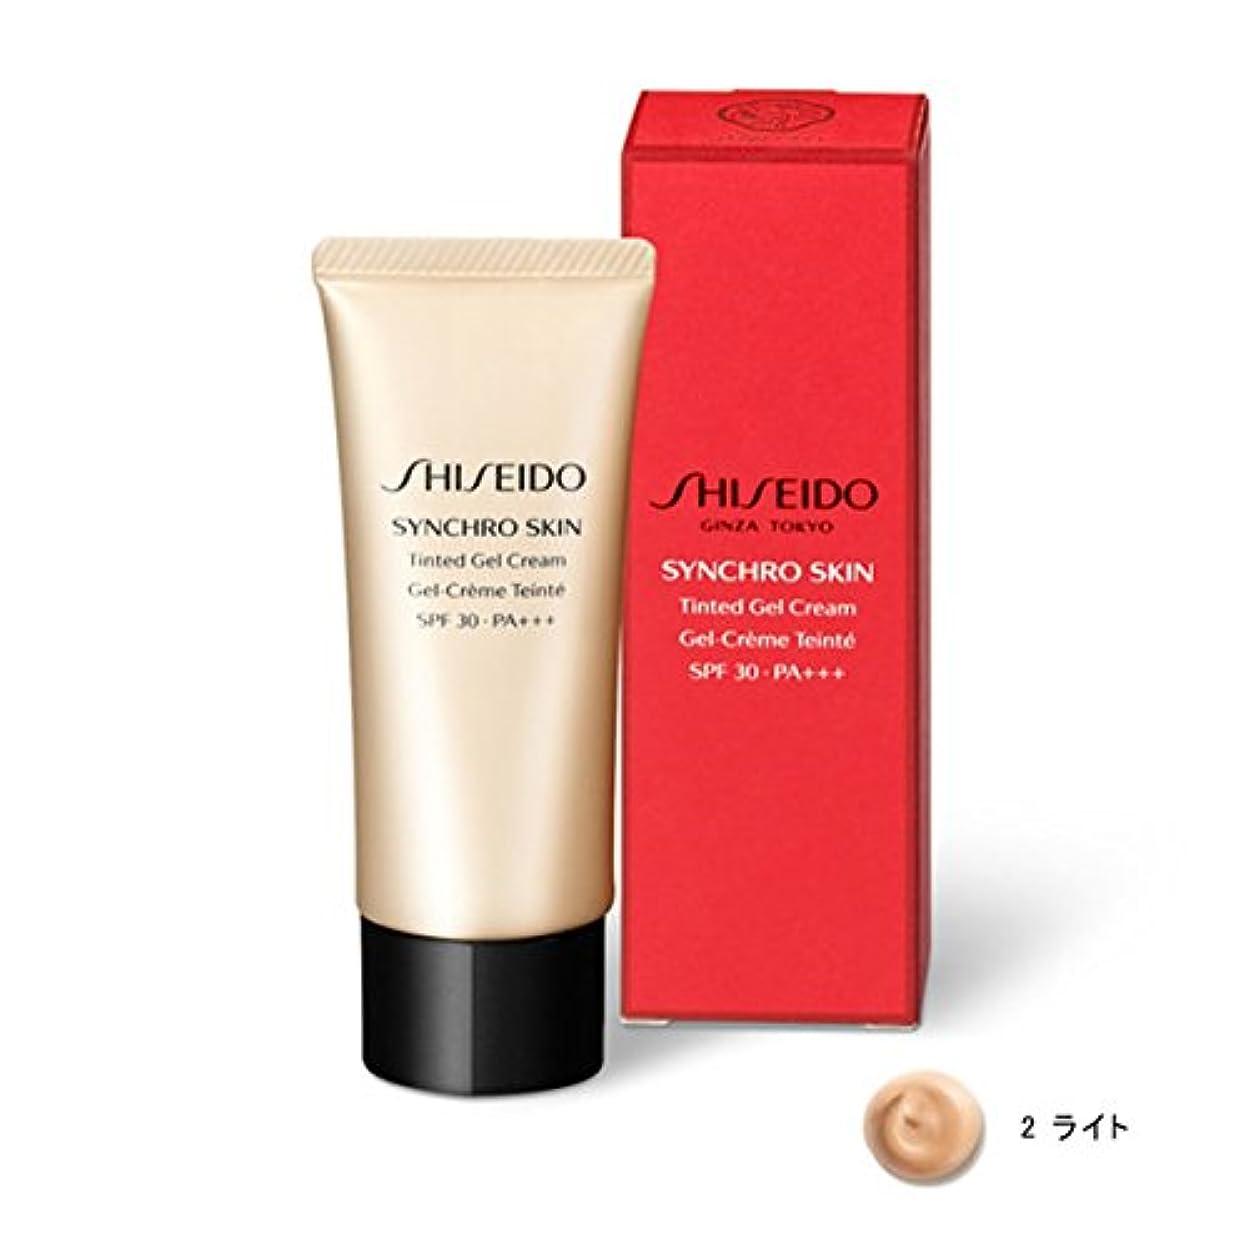 航海供給勧告SHISEIDO Makeup(資生堂 メーキャップ) SHISEIDO(資生堂) シンクロスキン ティンティッド ジェルクリーム (2 ライト)